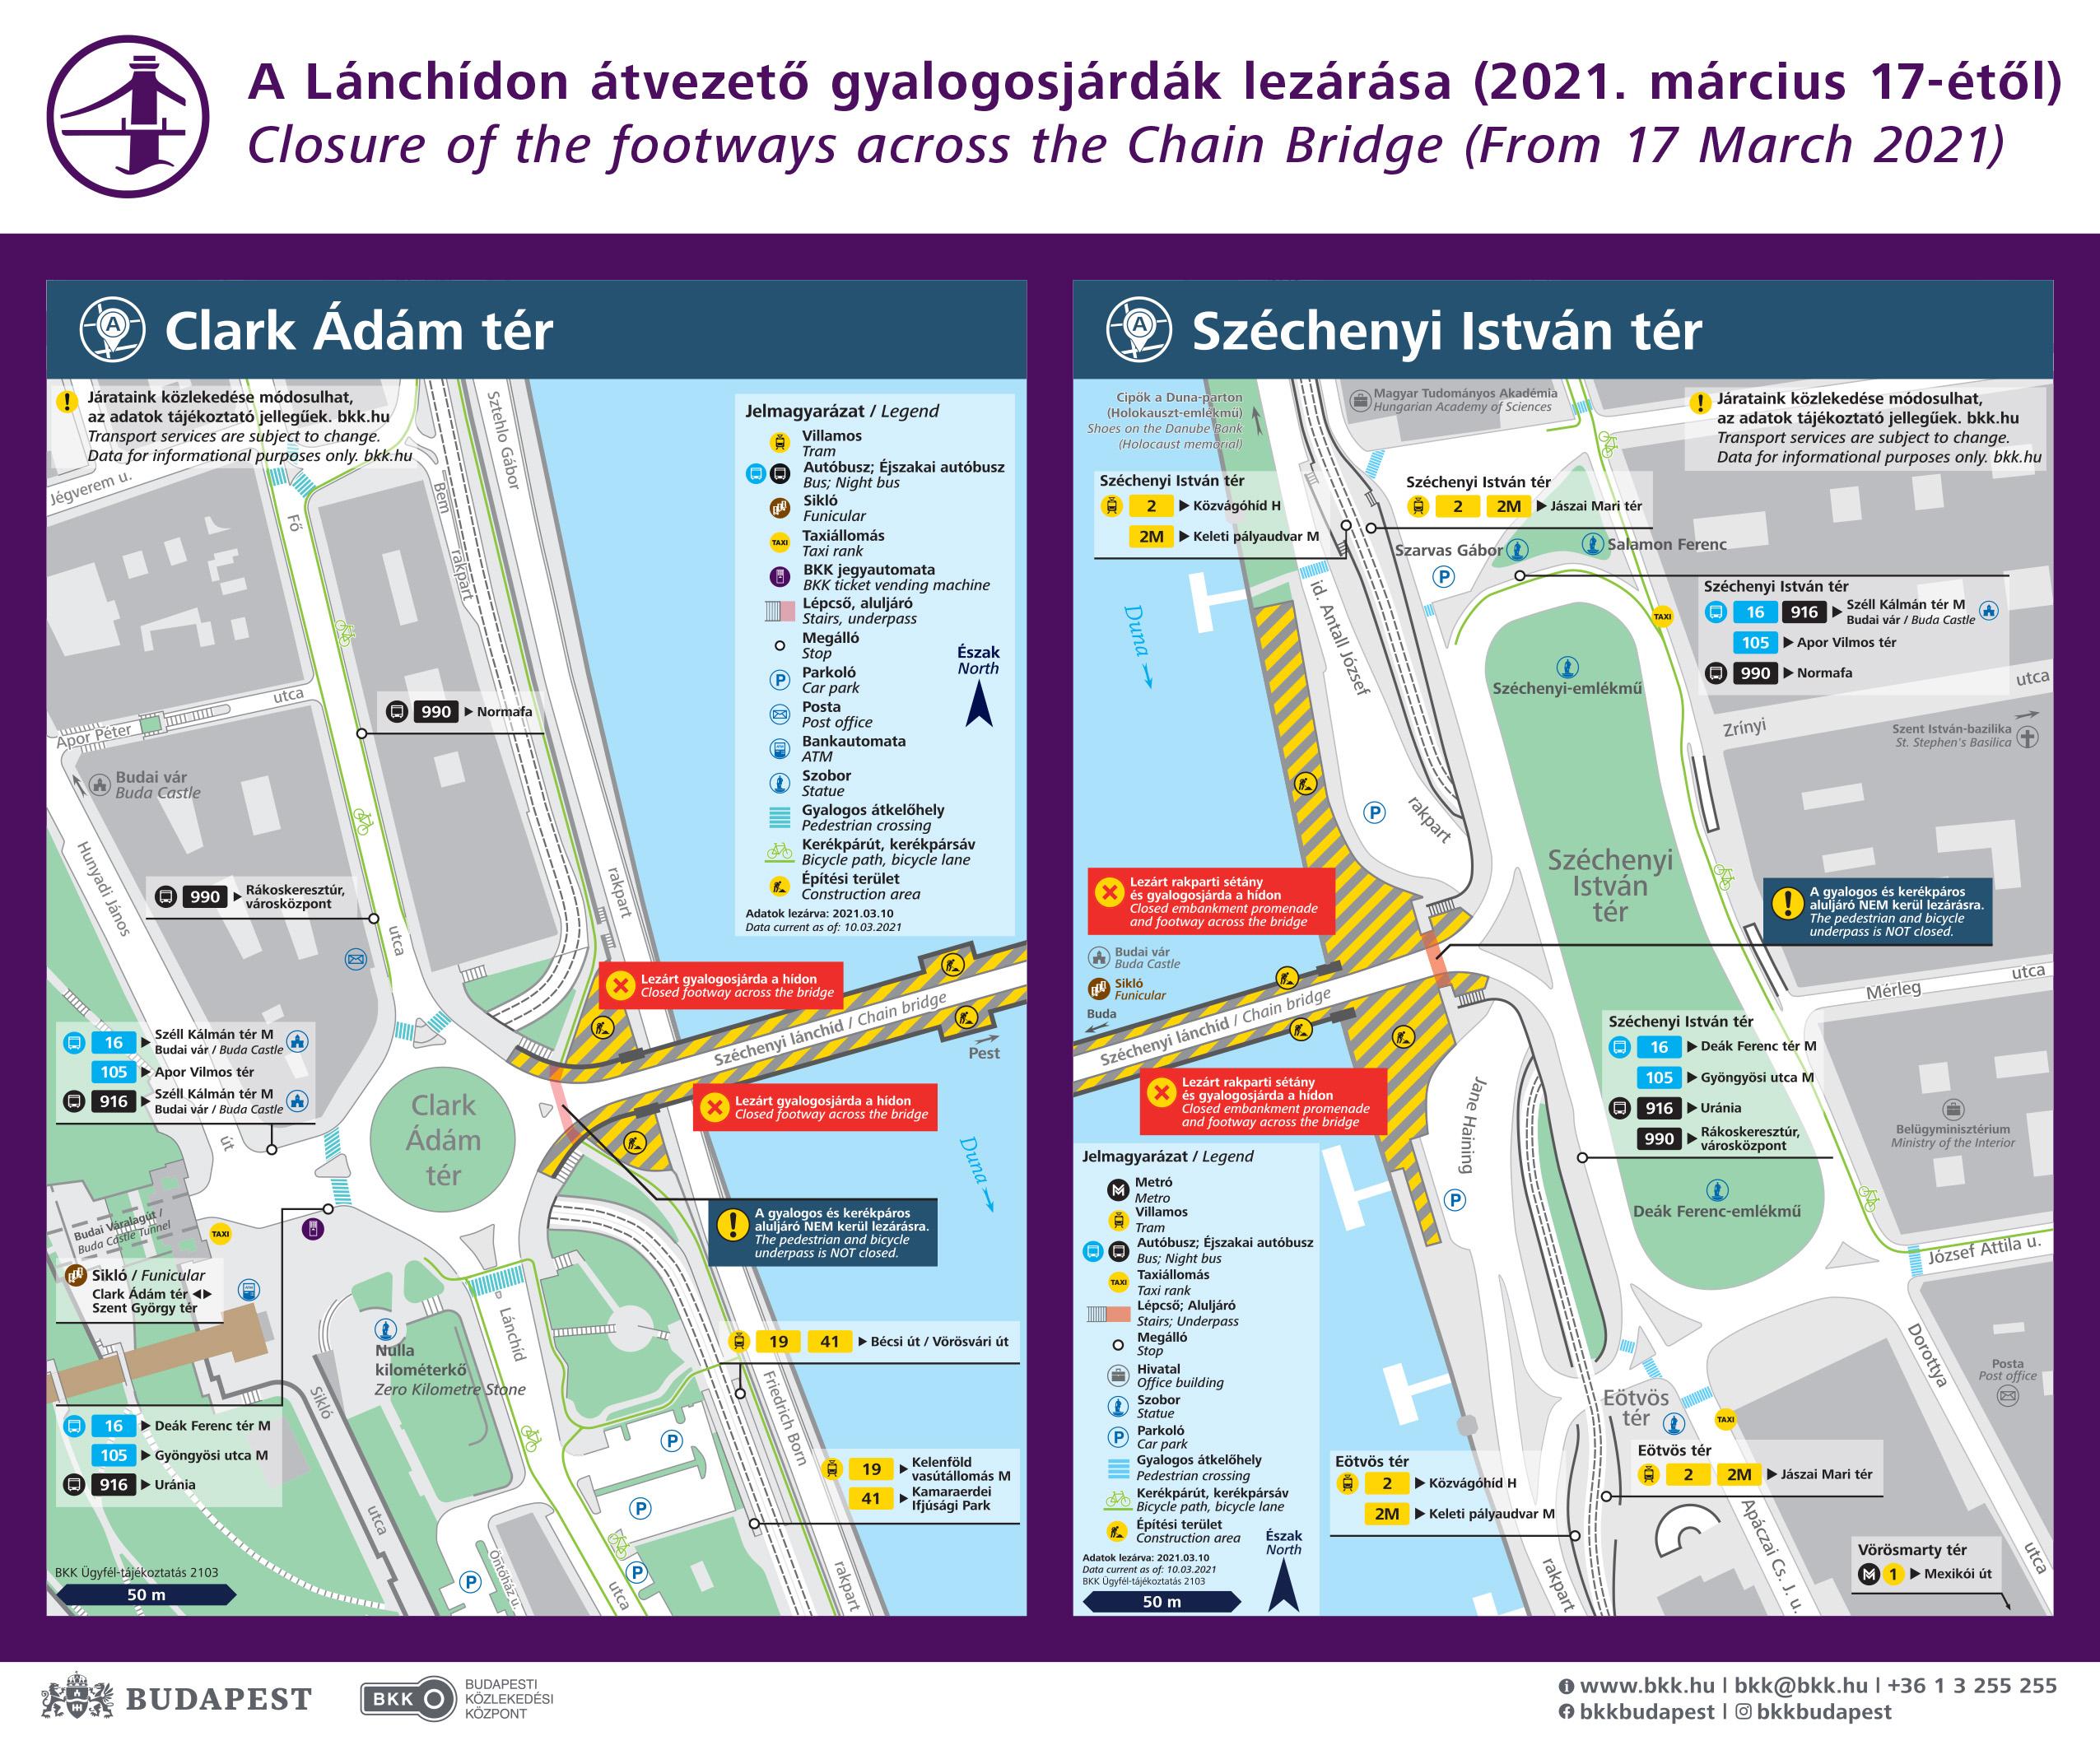 Megkezdődik a Lánchíd felújítása, a munkálatok miatt a műtárgy 2023-ig le lesz zárva a gyalogos forgalom elől (képek forrása: BKK)